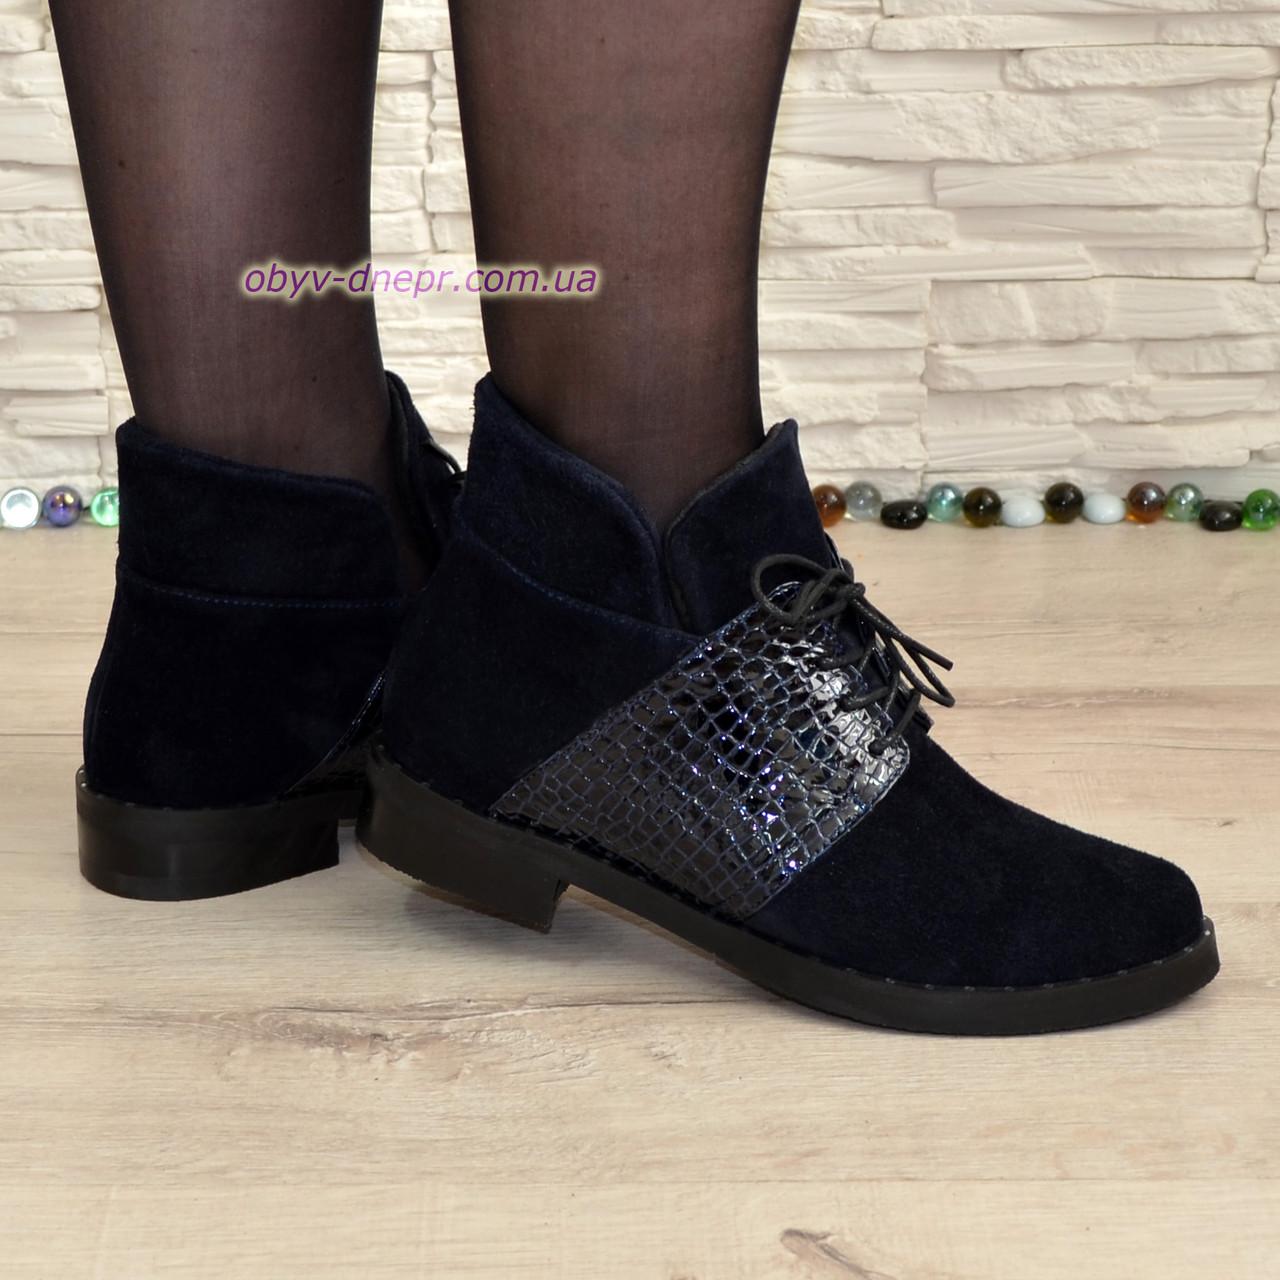 Ботинки женские демисезонные синие на невысоком каблуке. 38 размер